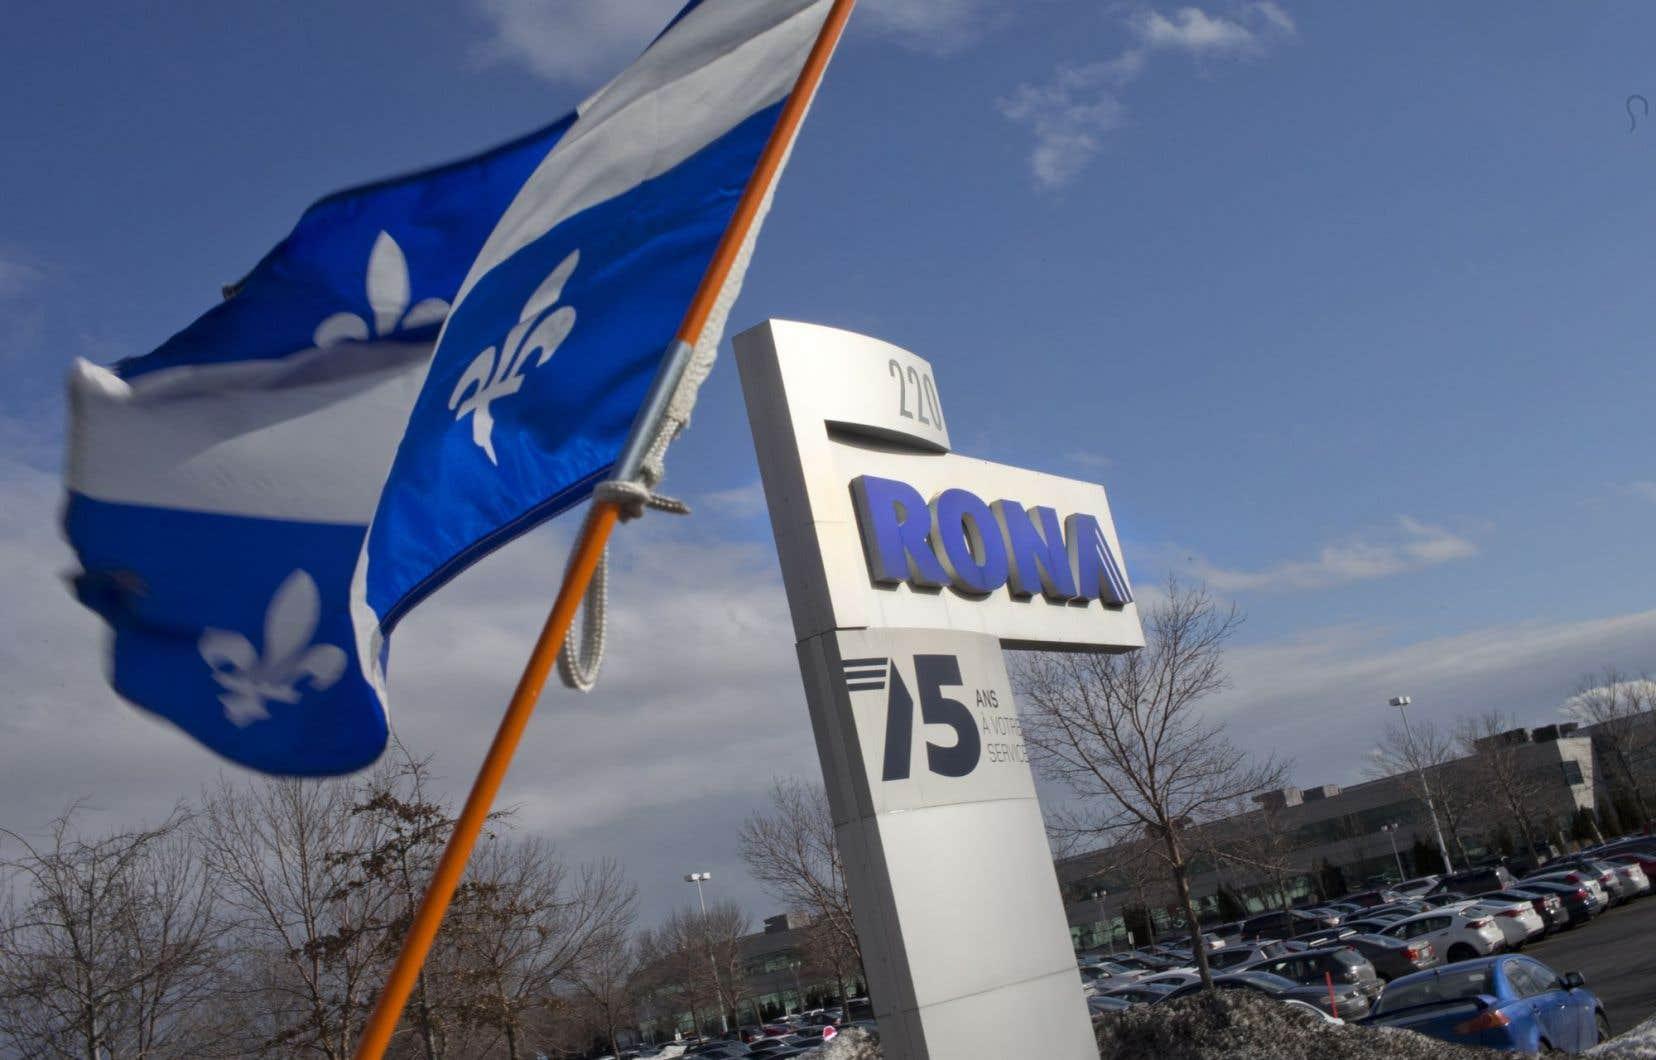 Le président du conseil d'administration de Rona, Robert Chevrier, s'est dit «très, très, très» satisfait de la réponse des actionnaires.